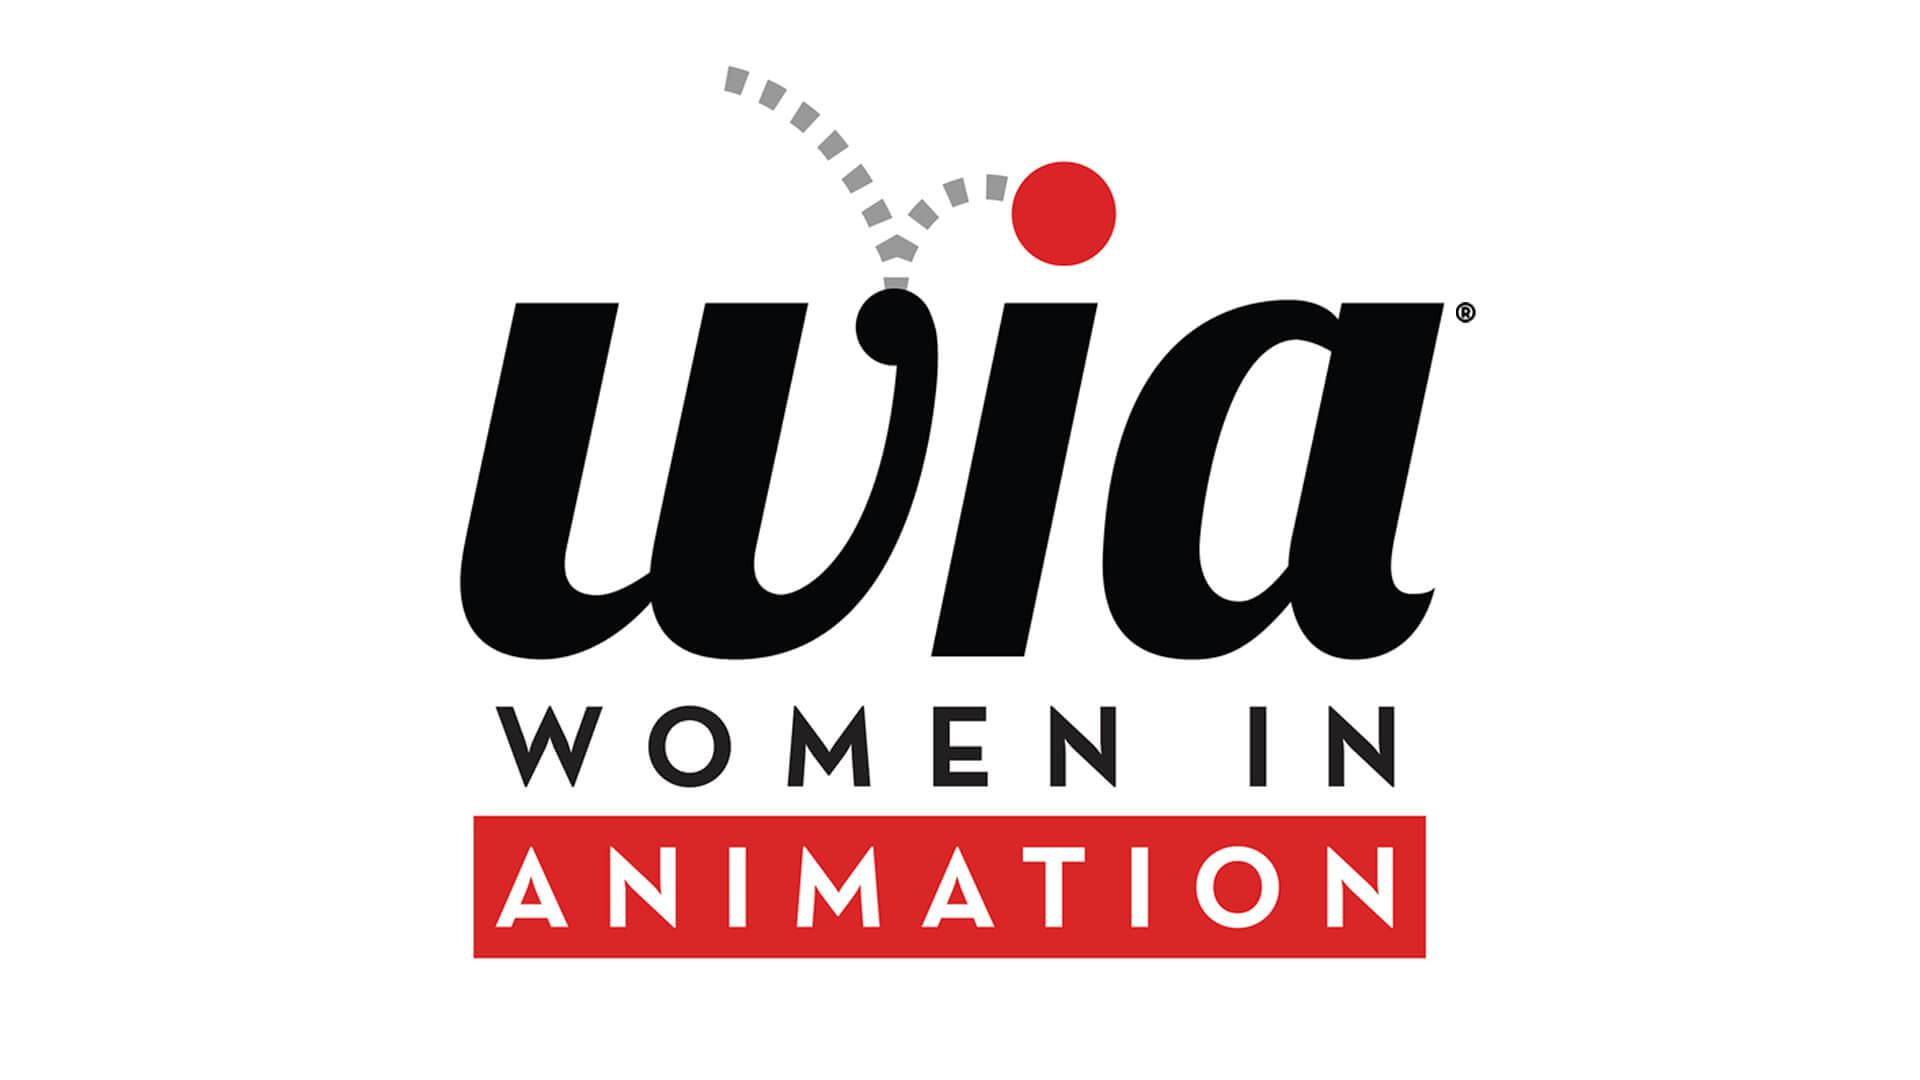 Virtuos Tiếp Tục Đồng Hành cùng Tổ chức Women in Animation với Tư Cách Nhà Tài Trợ cho Quỹ Toàn Cầu